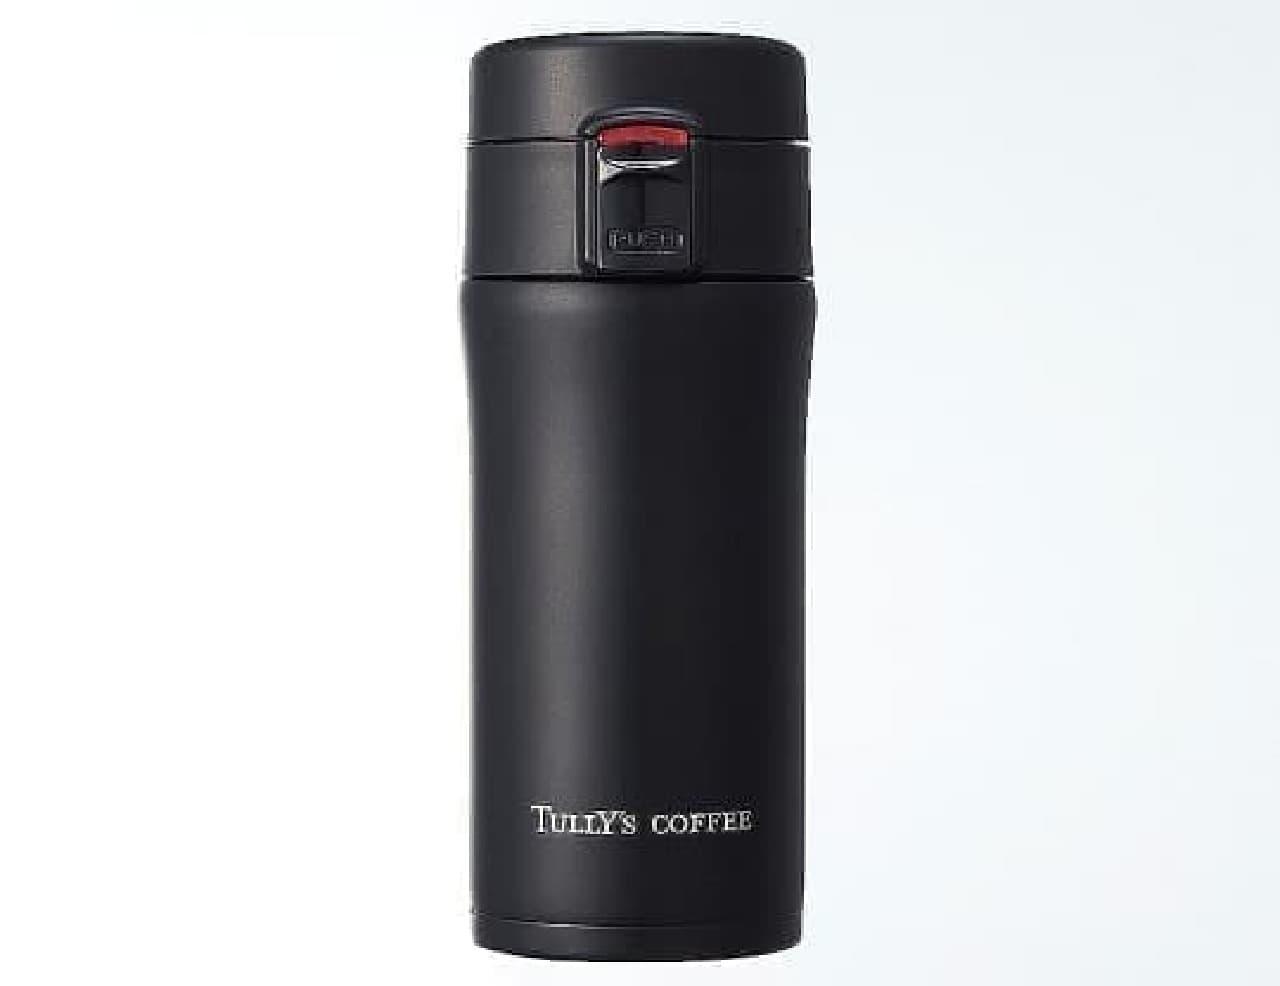 タリーズコーヒーのワンタッチステンレスボトル(ブラック)